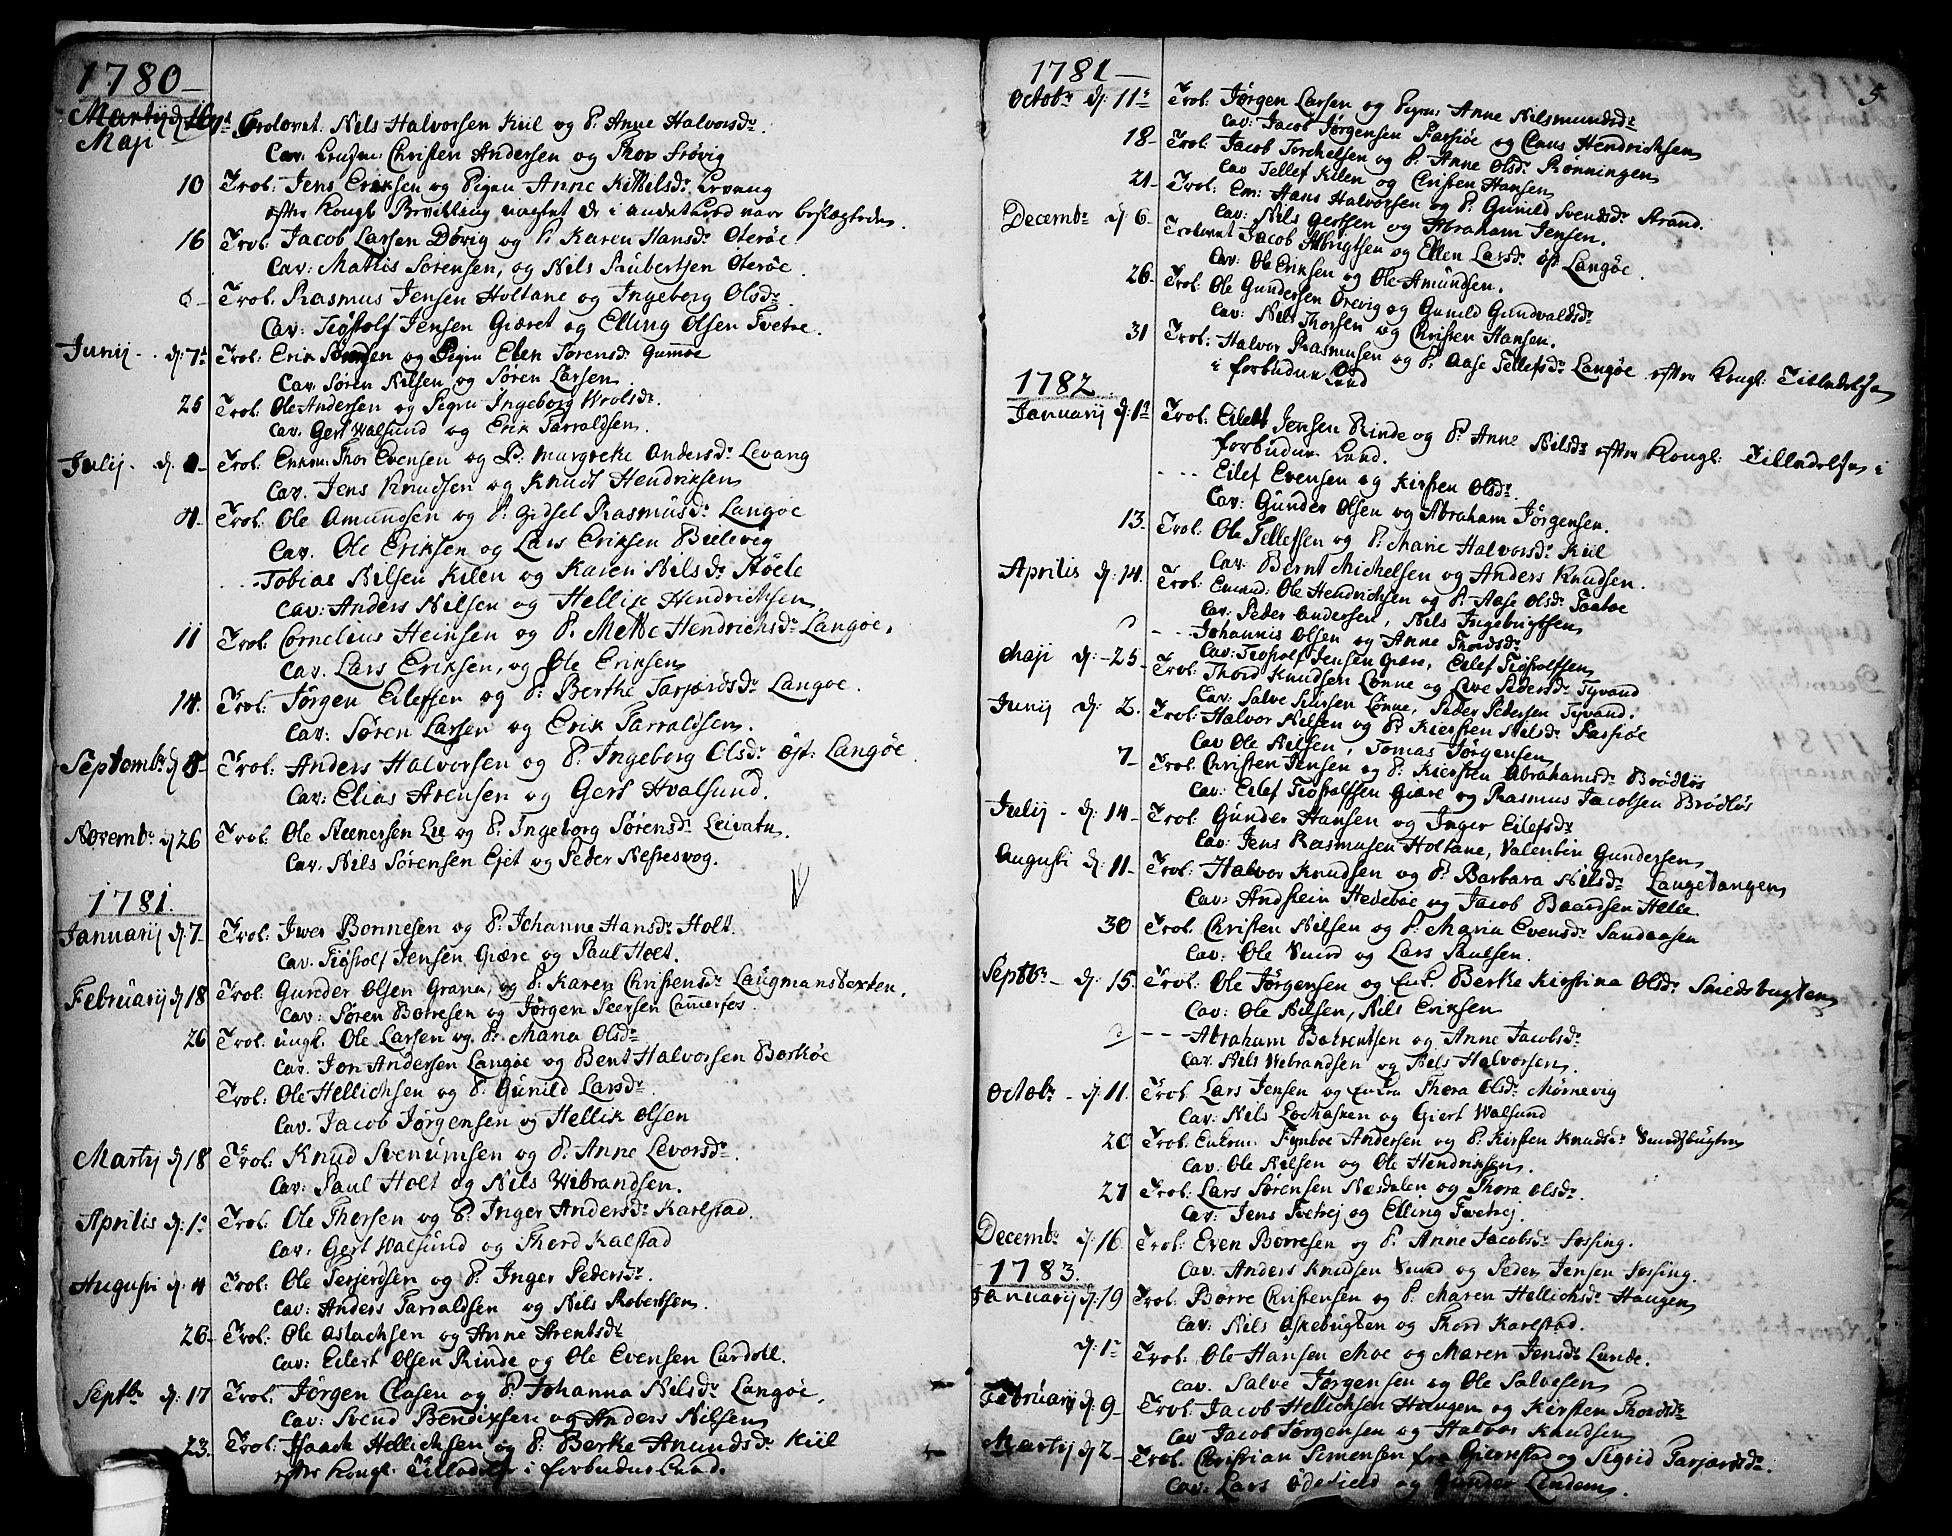 SAKO, Sannidal kirkebøker, F/Fa/L0002: Ministerialbok nr. 2, 1767-1802, s. 5